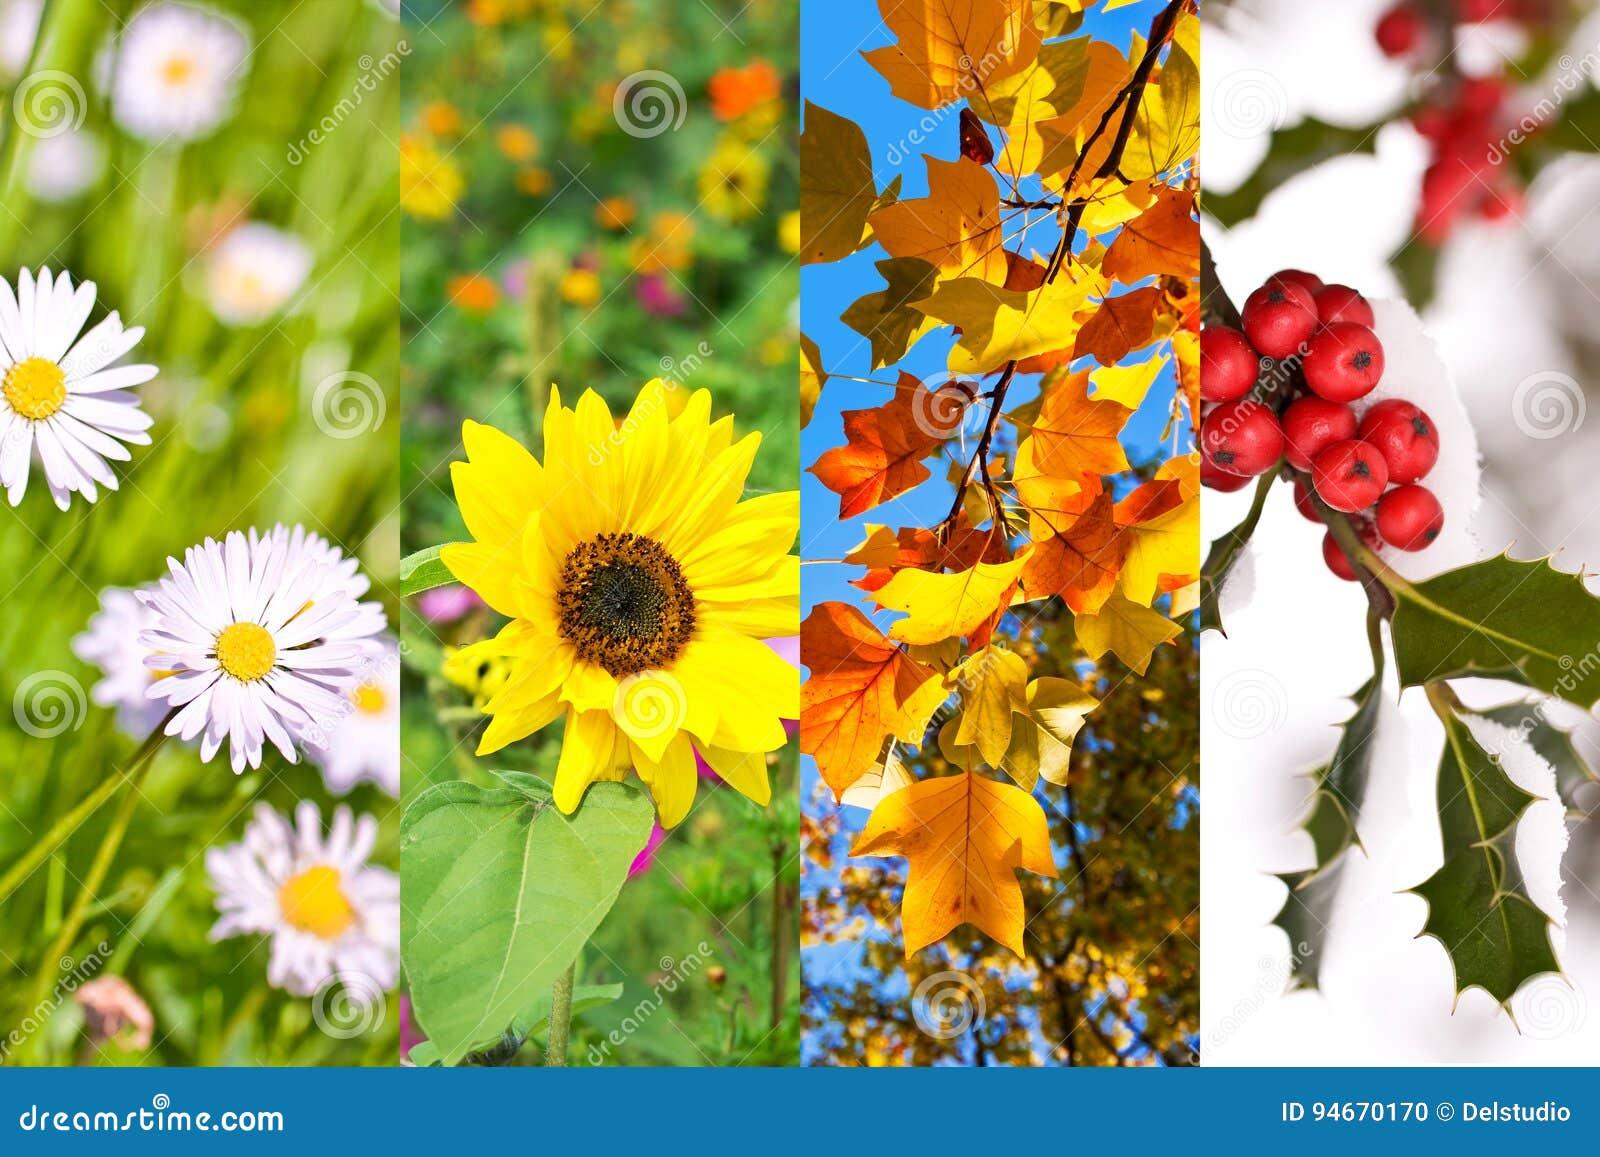 Fiori 4 Stagioni.Piante E Fiori In Primavera Estate Autunno Inverno Collage